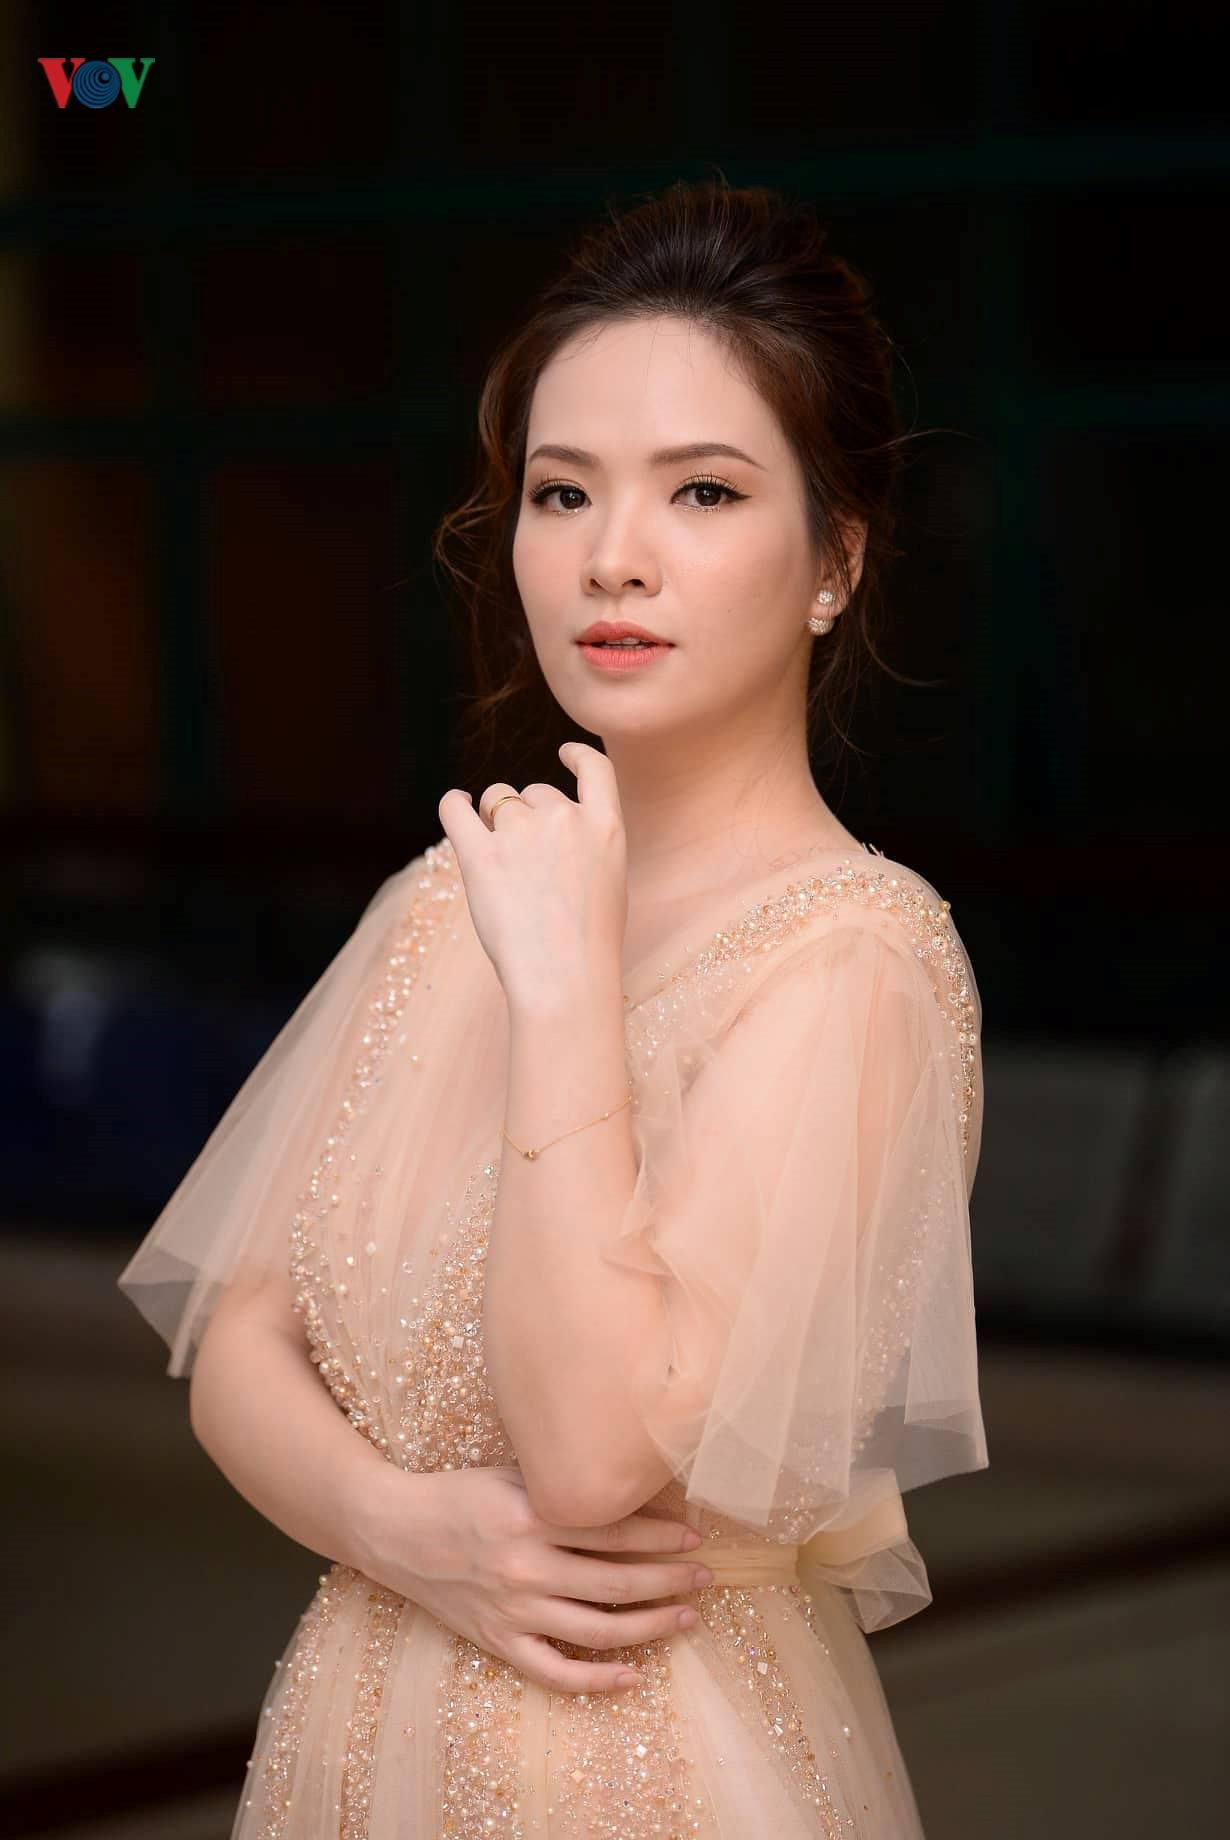 Đan Lê hóa công chúa, tình tứ bên ông xã trên thảm đỏ Cánh Diều 2018 Ảnh 5